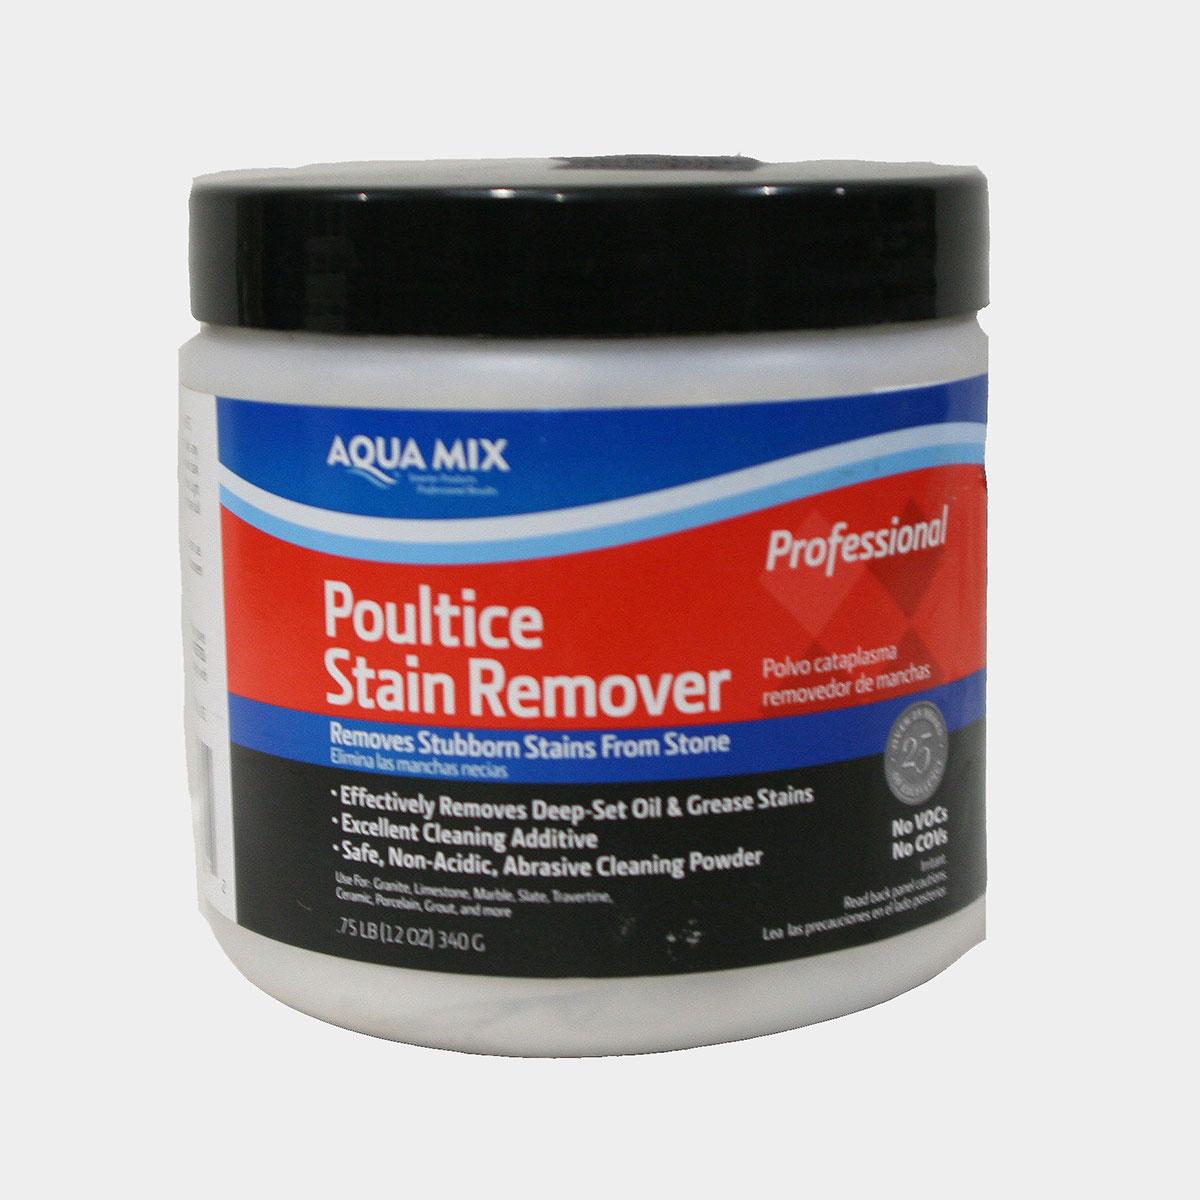 Aqua Mix Poultice 3 4 Lb Jar